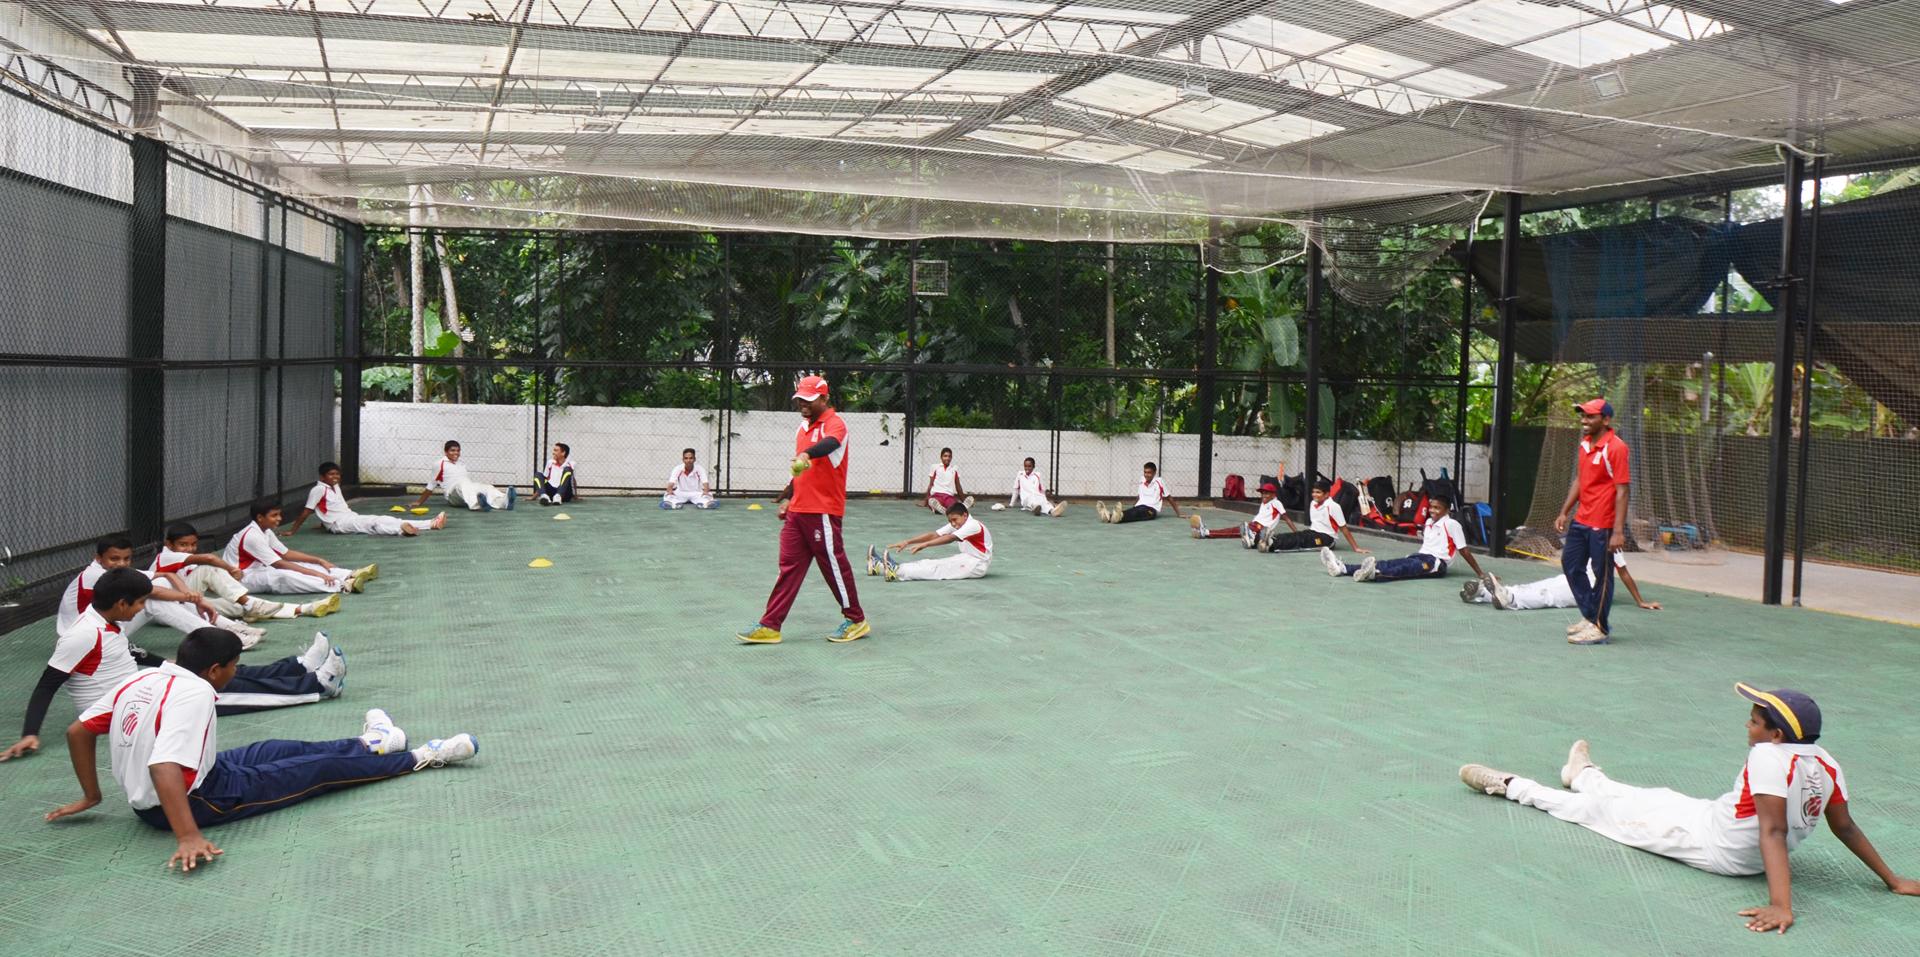 Indoor Fielding & Fitness Area